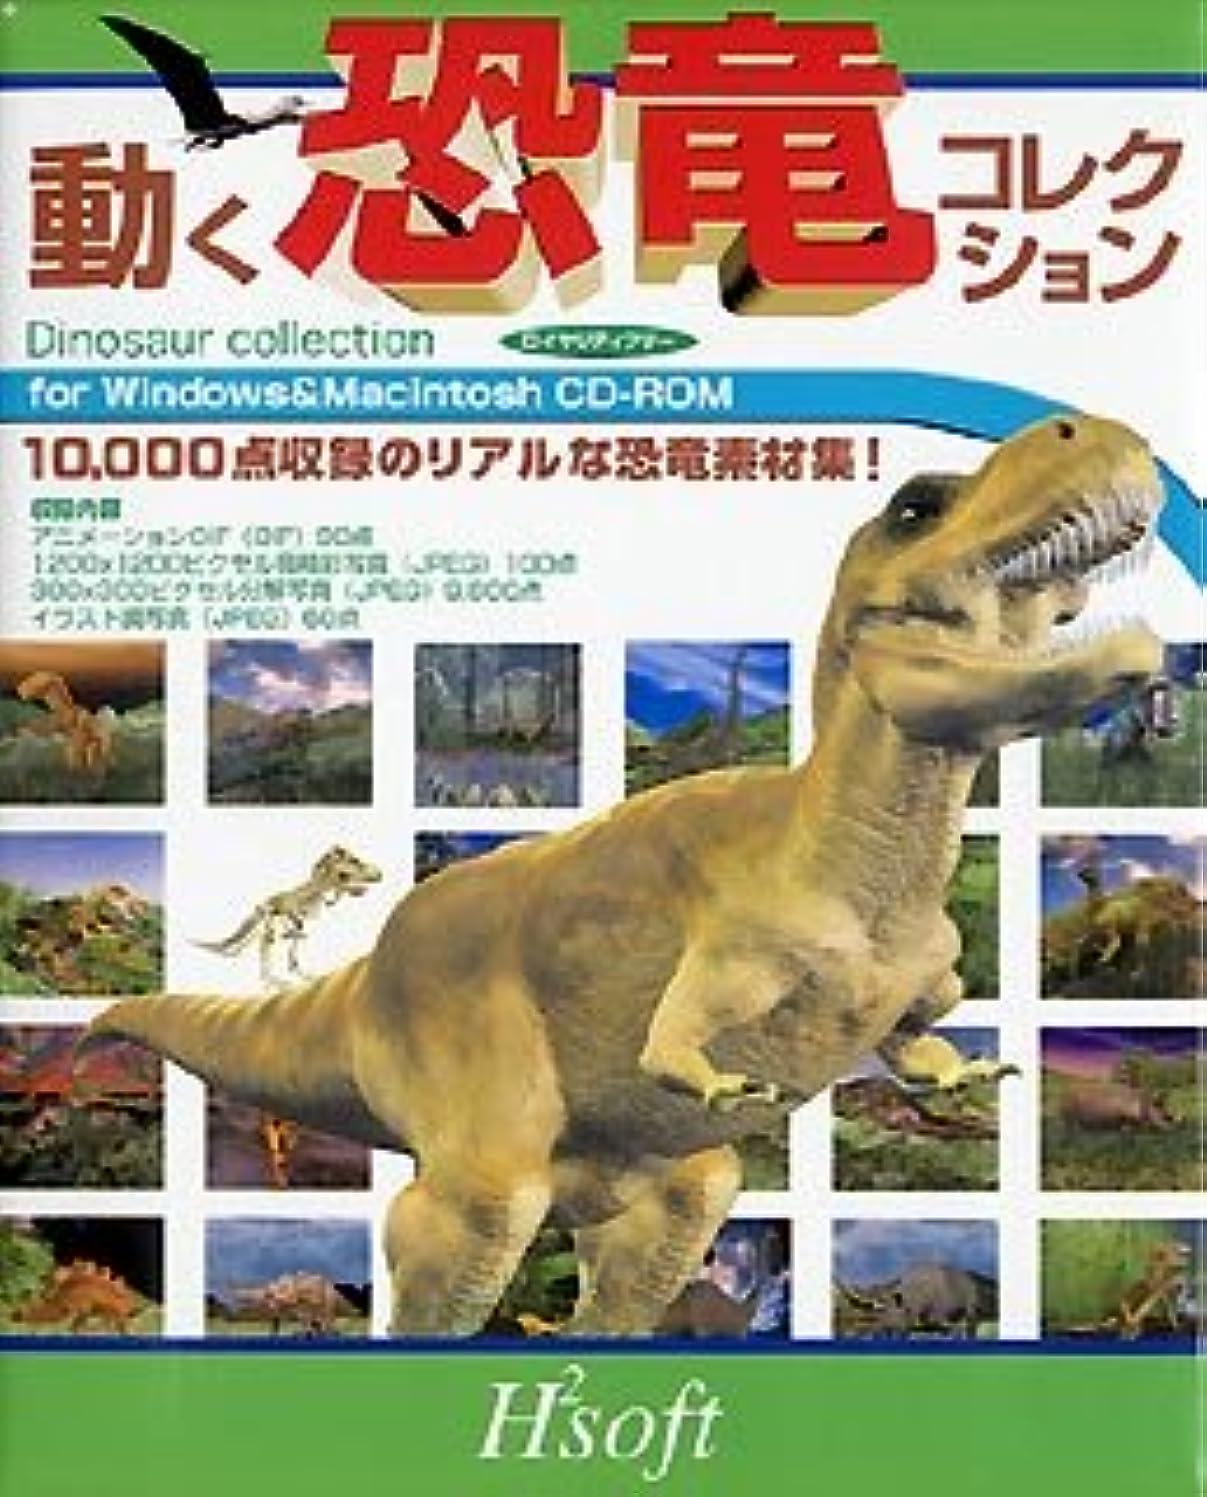 動く 恐竜コレクション